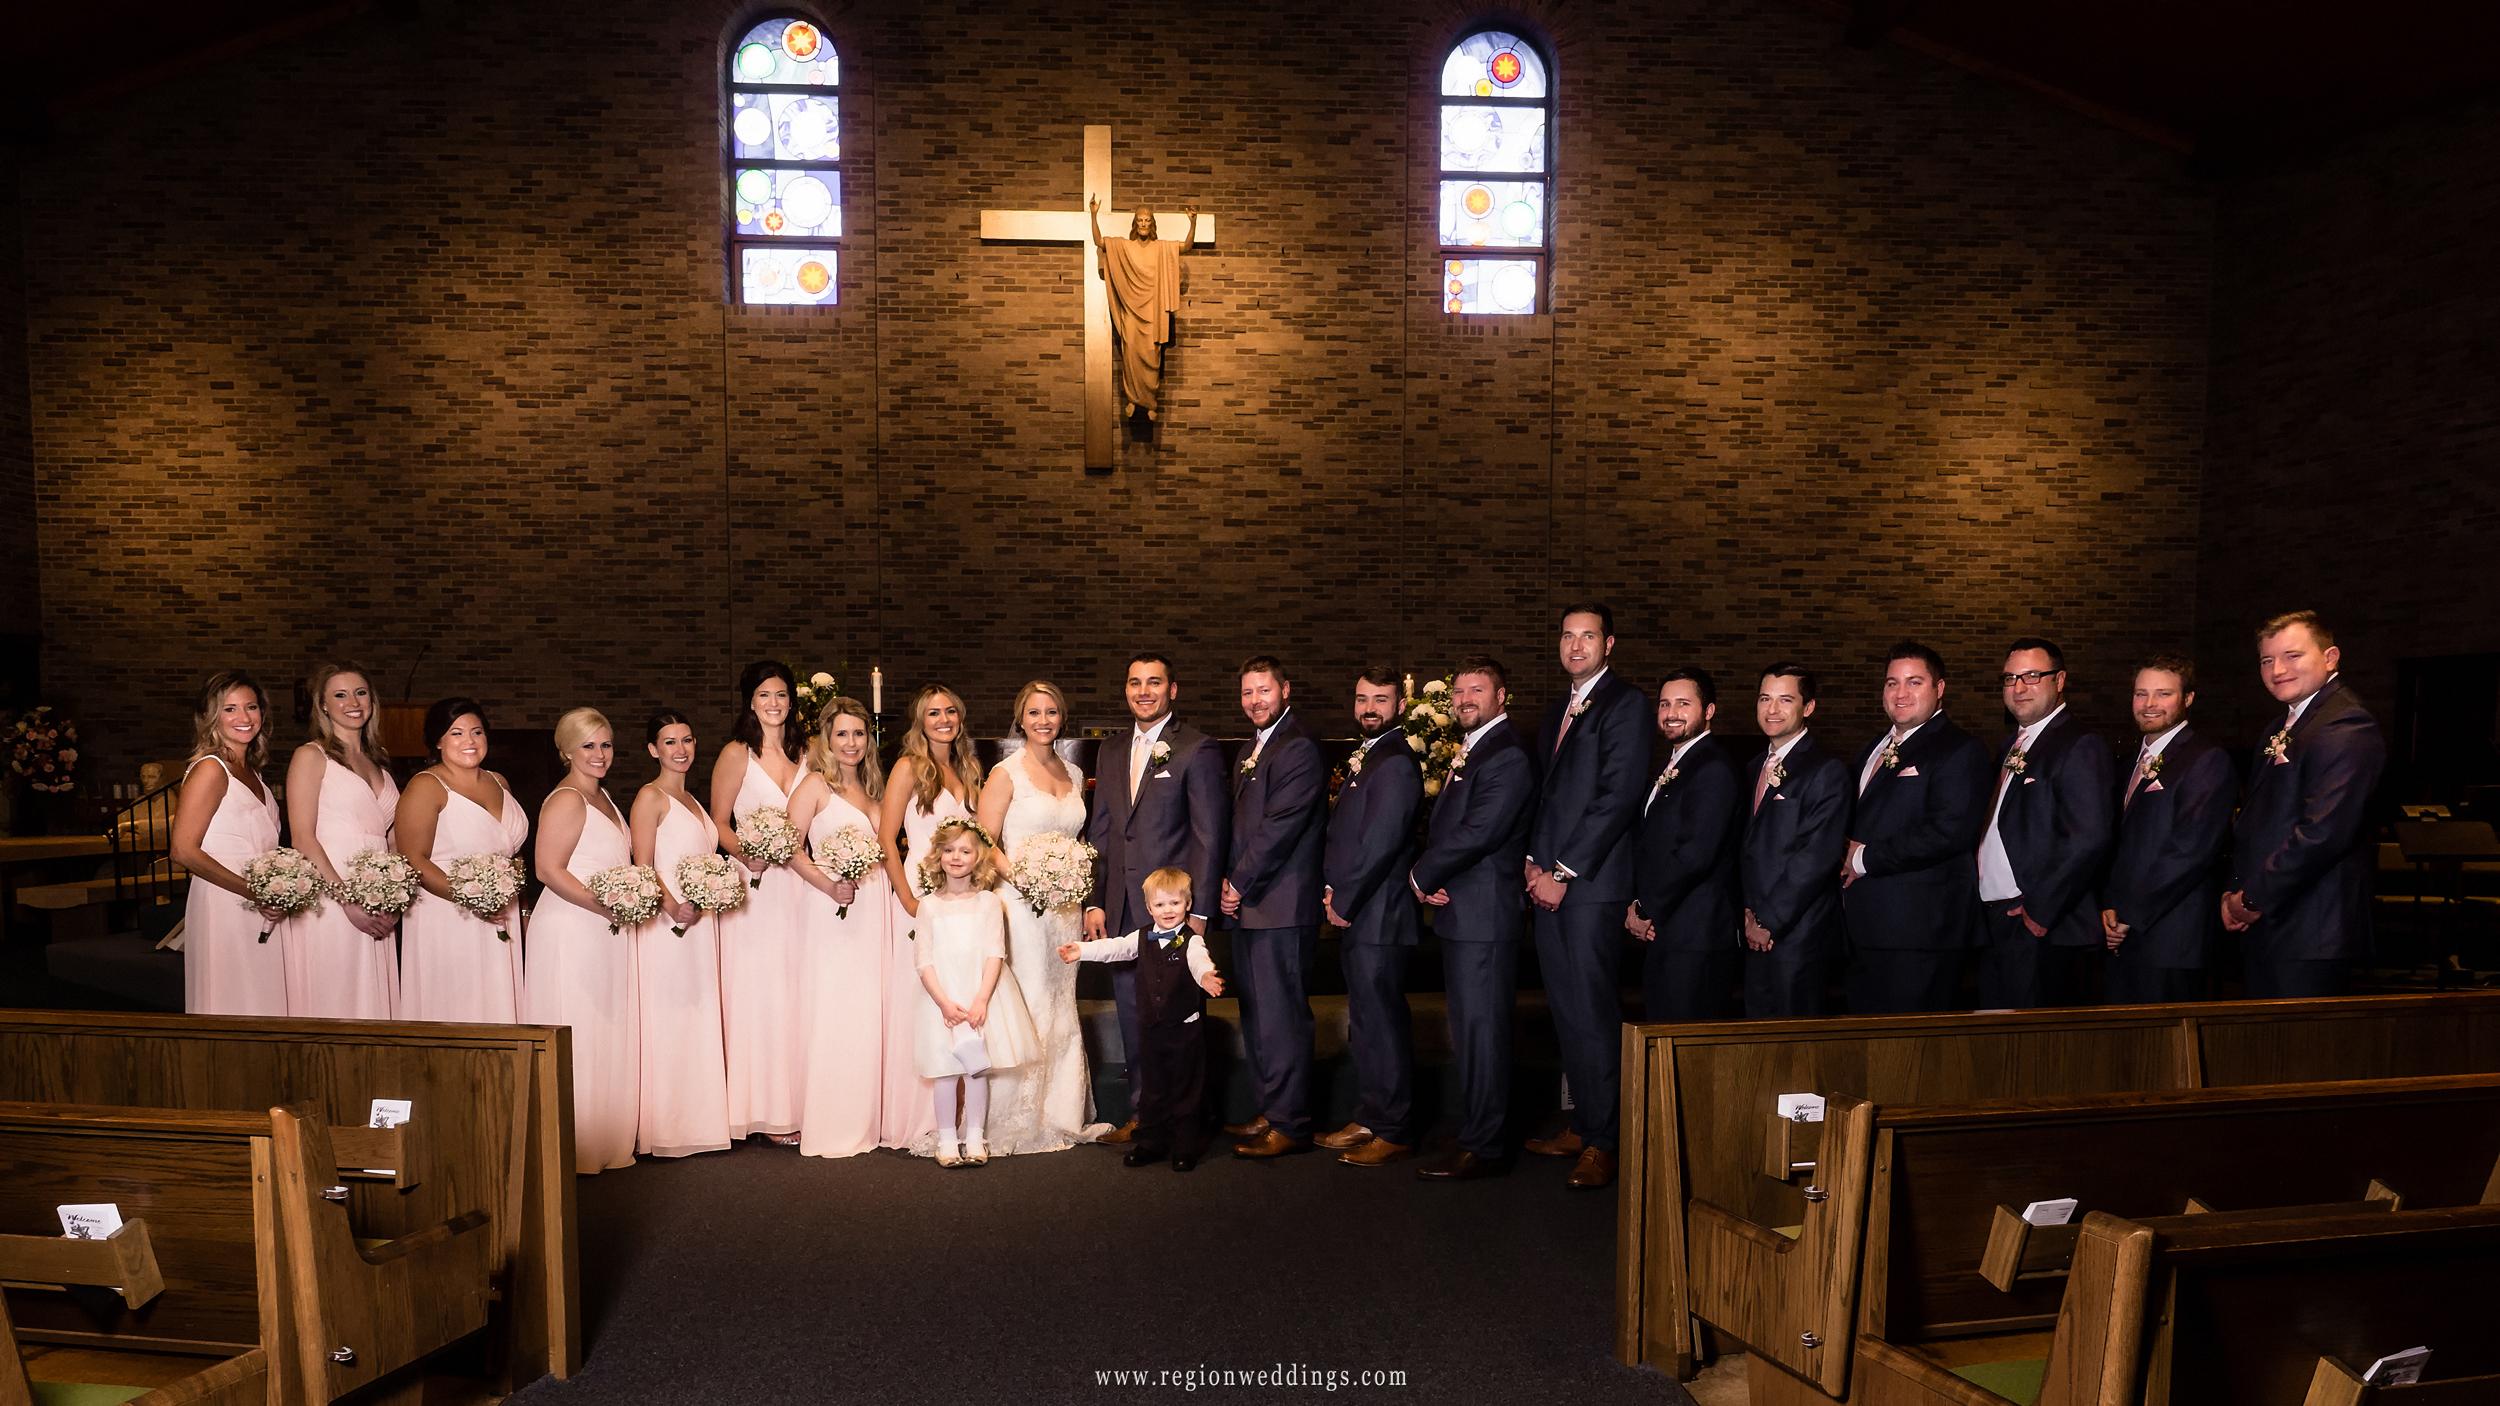 Wedding party photo at St. Maria Goretti.